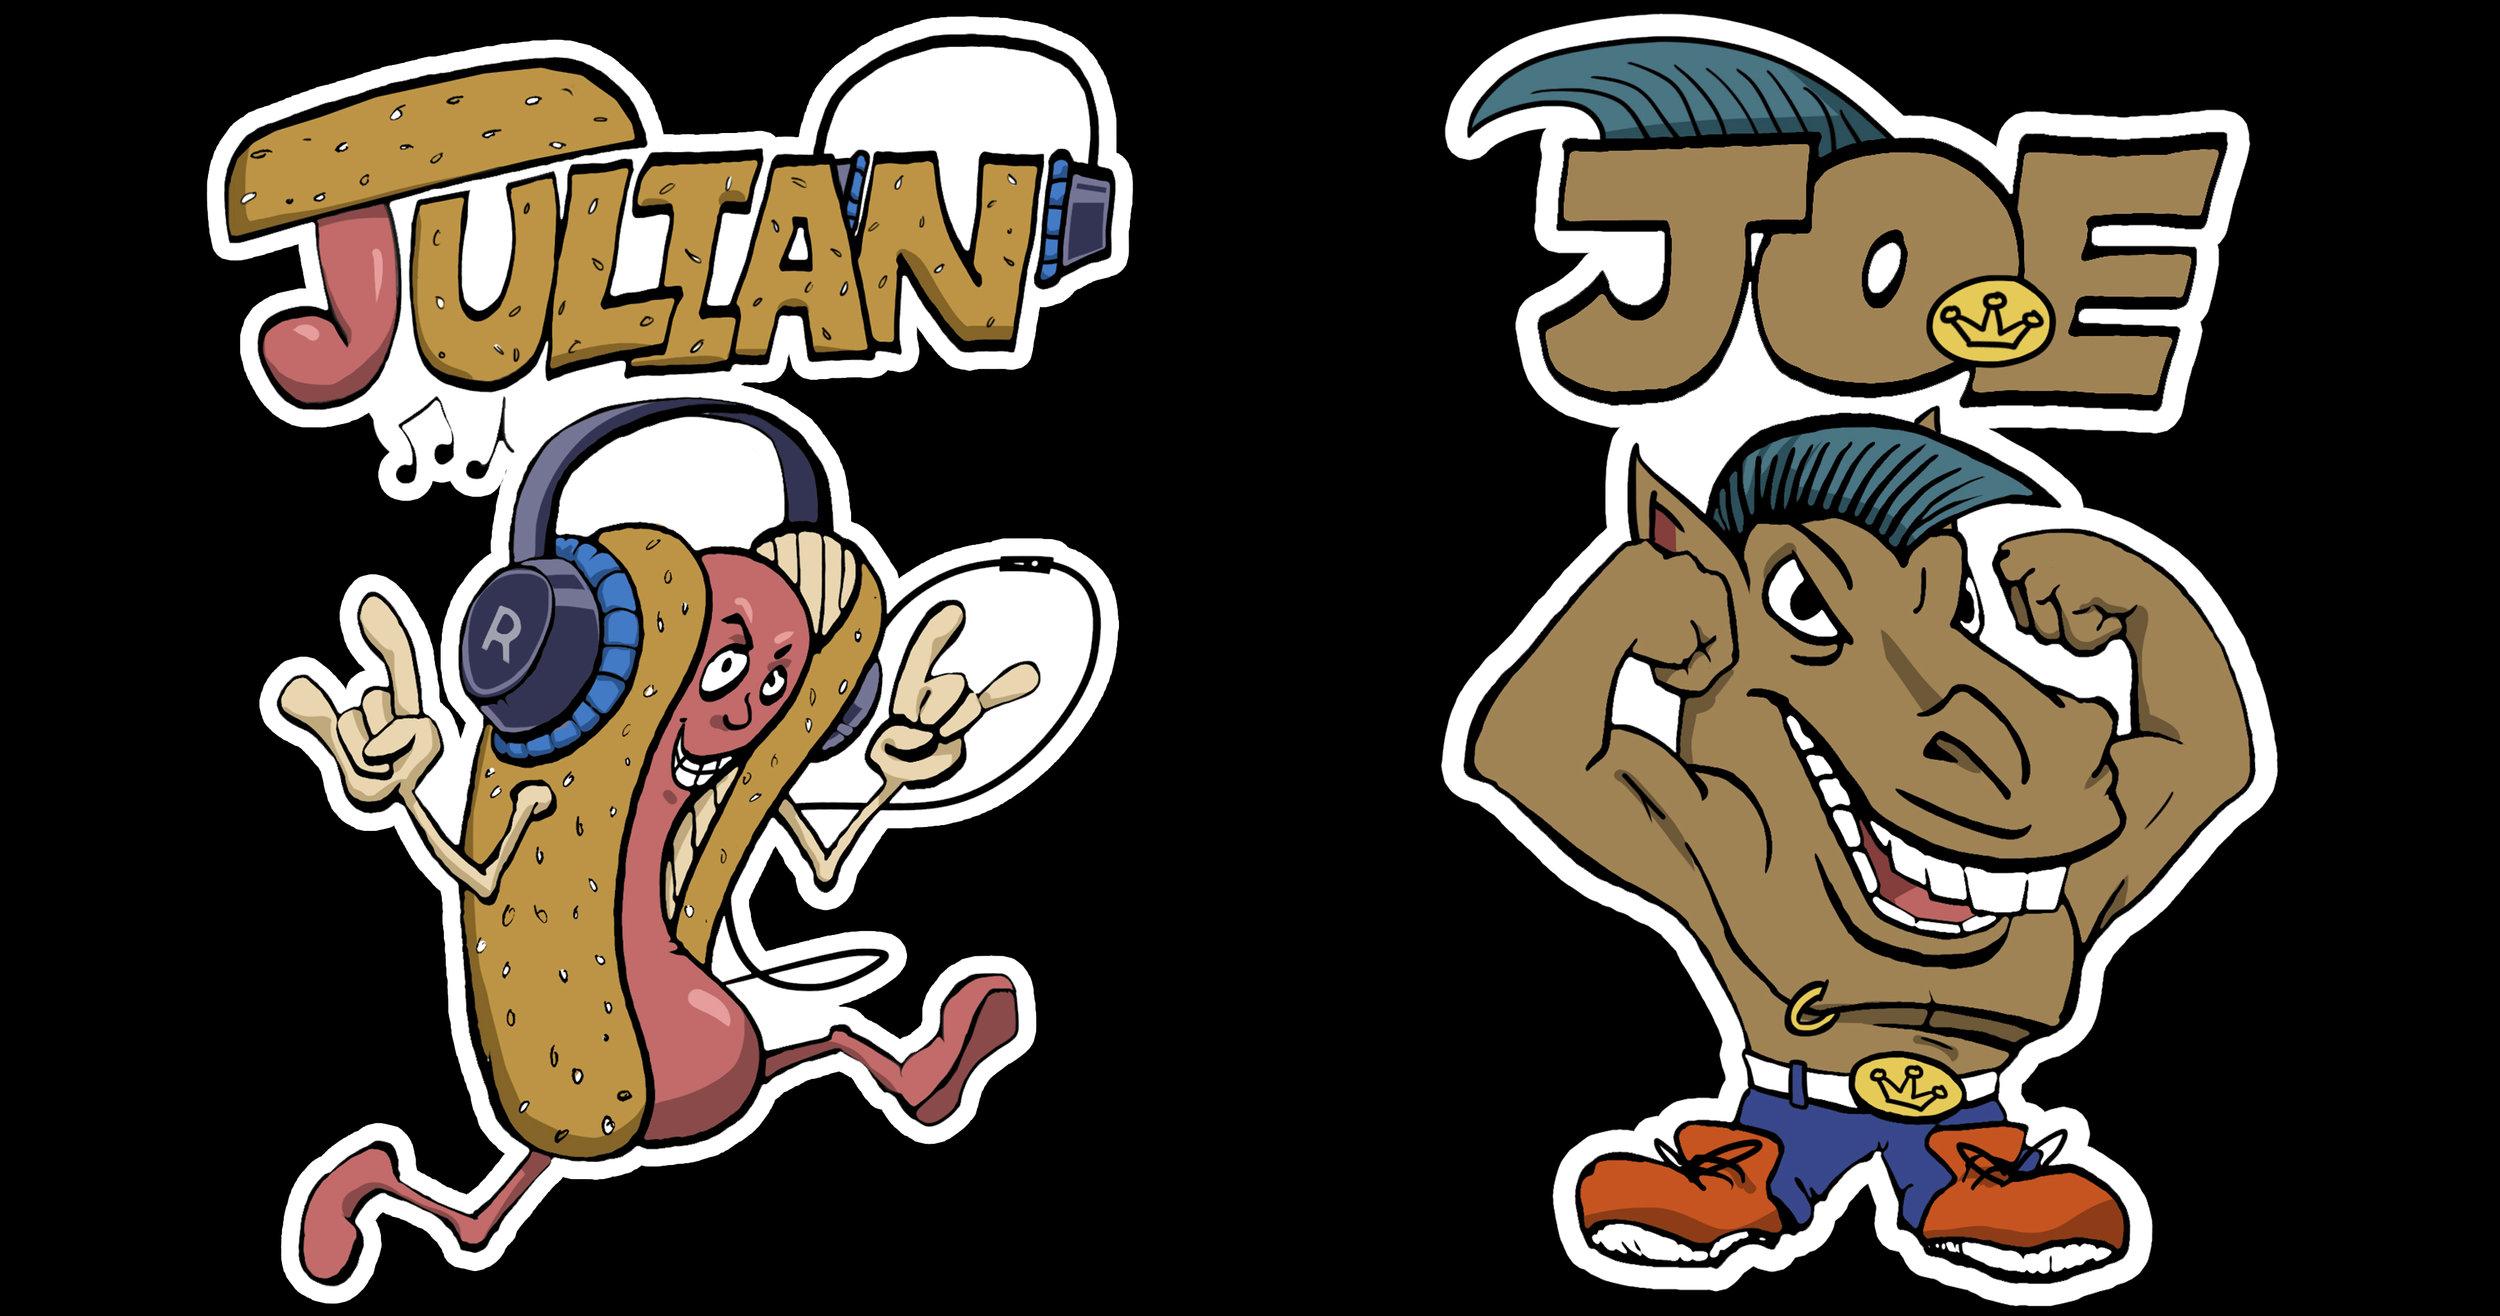 JULIAN JOE.jpg